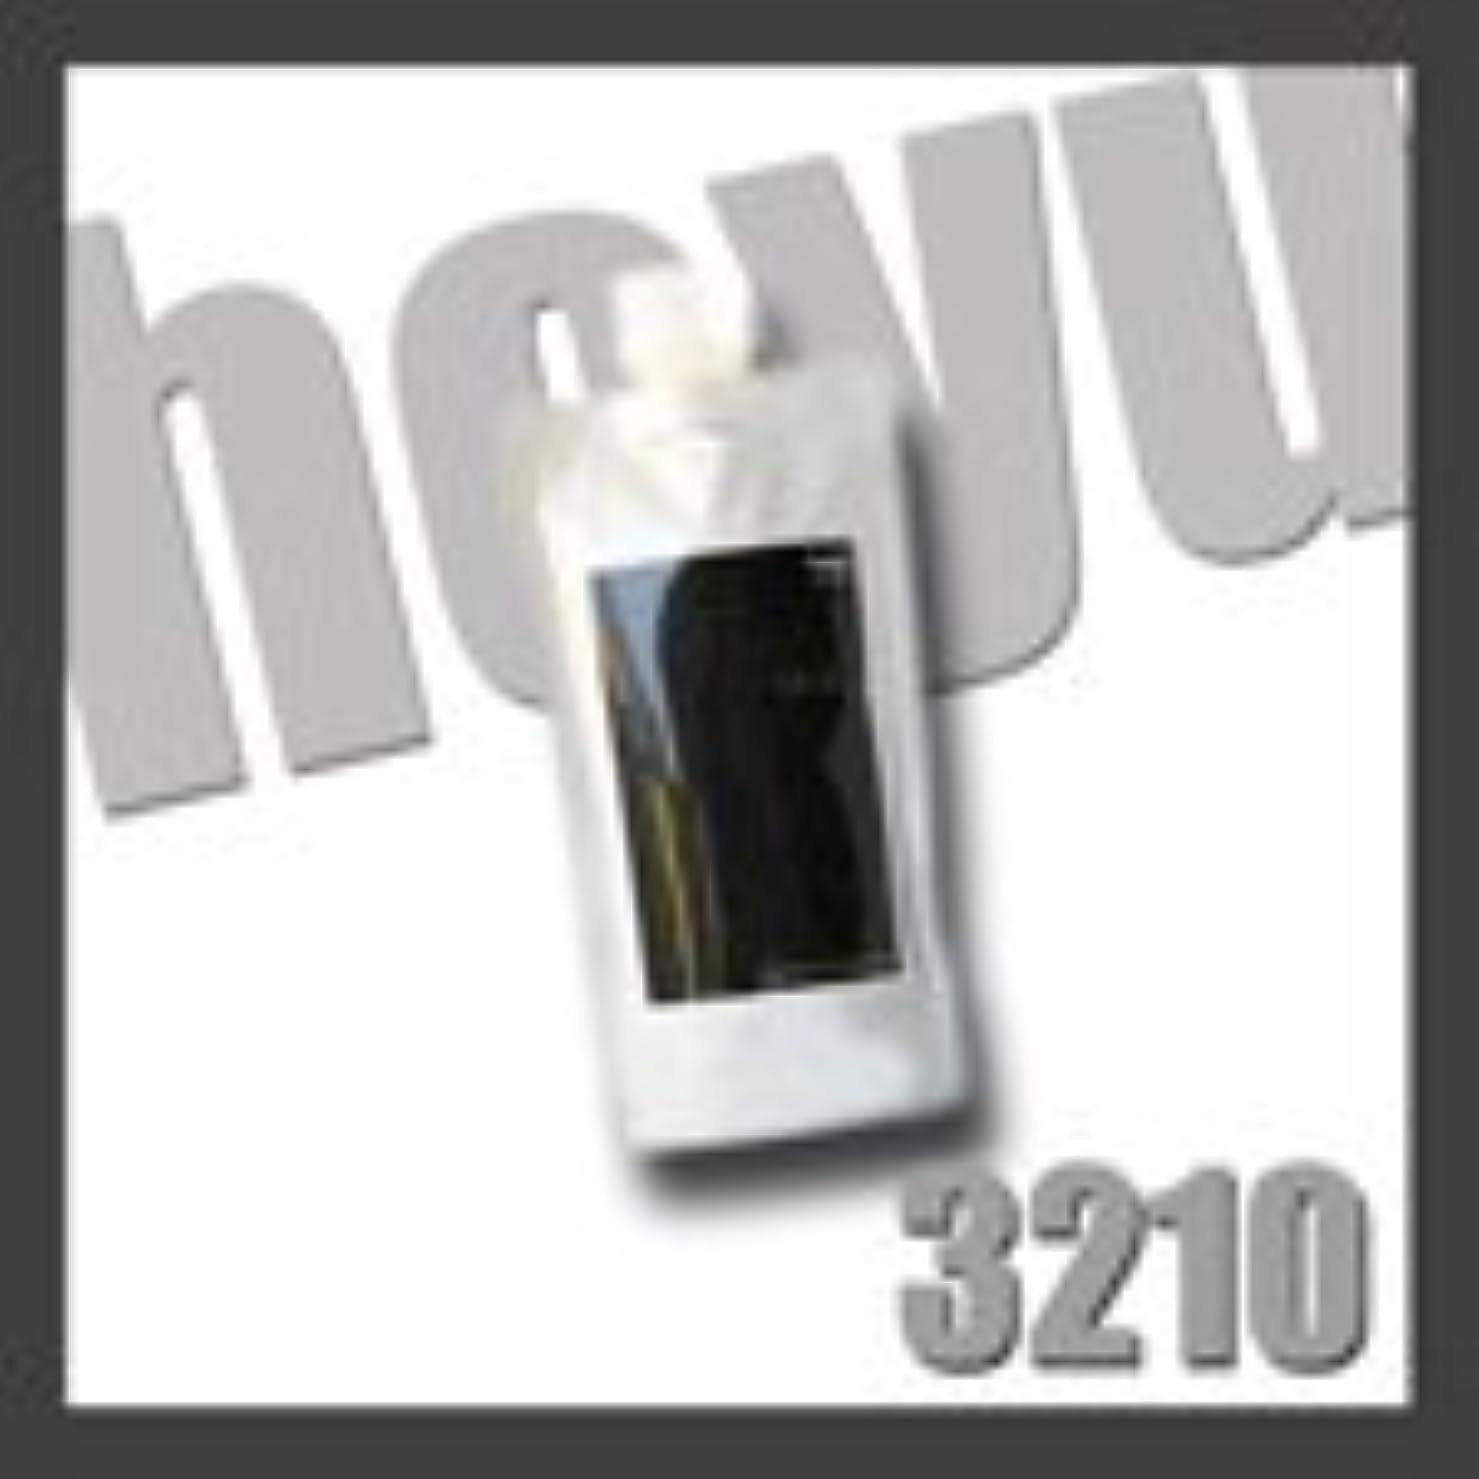 文字廊下法律HOYU ホーユー 3210 ミニーレ ウルトラハード ワックス レフィル 200g 詰替用 フィニッシュワークシリーズ